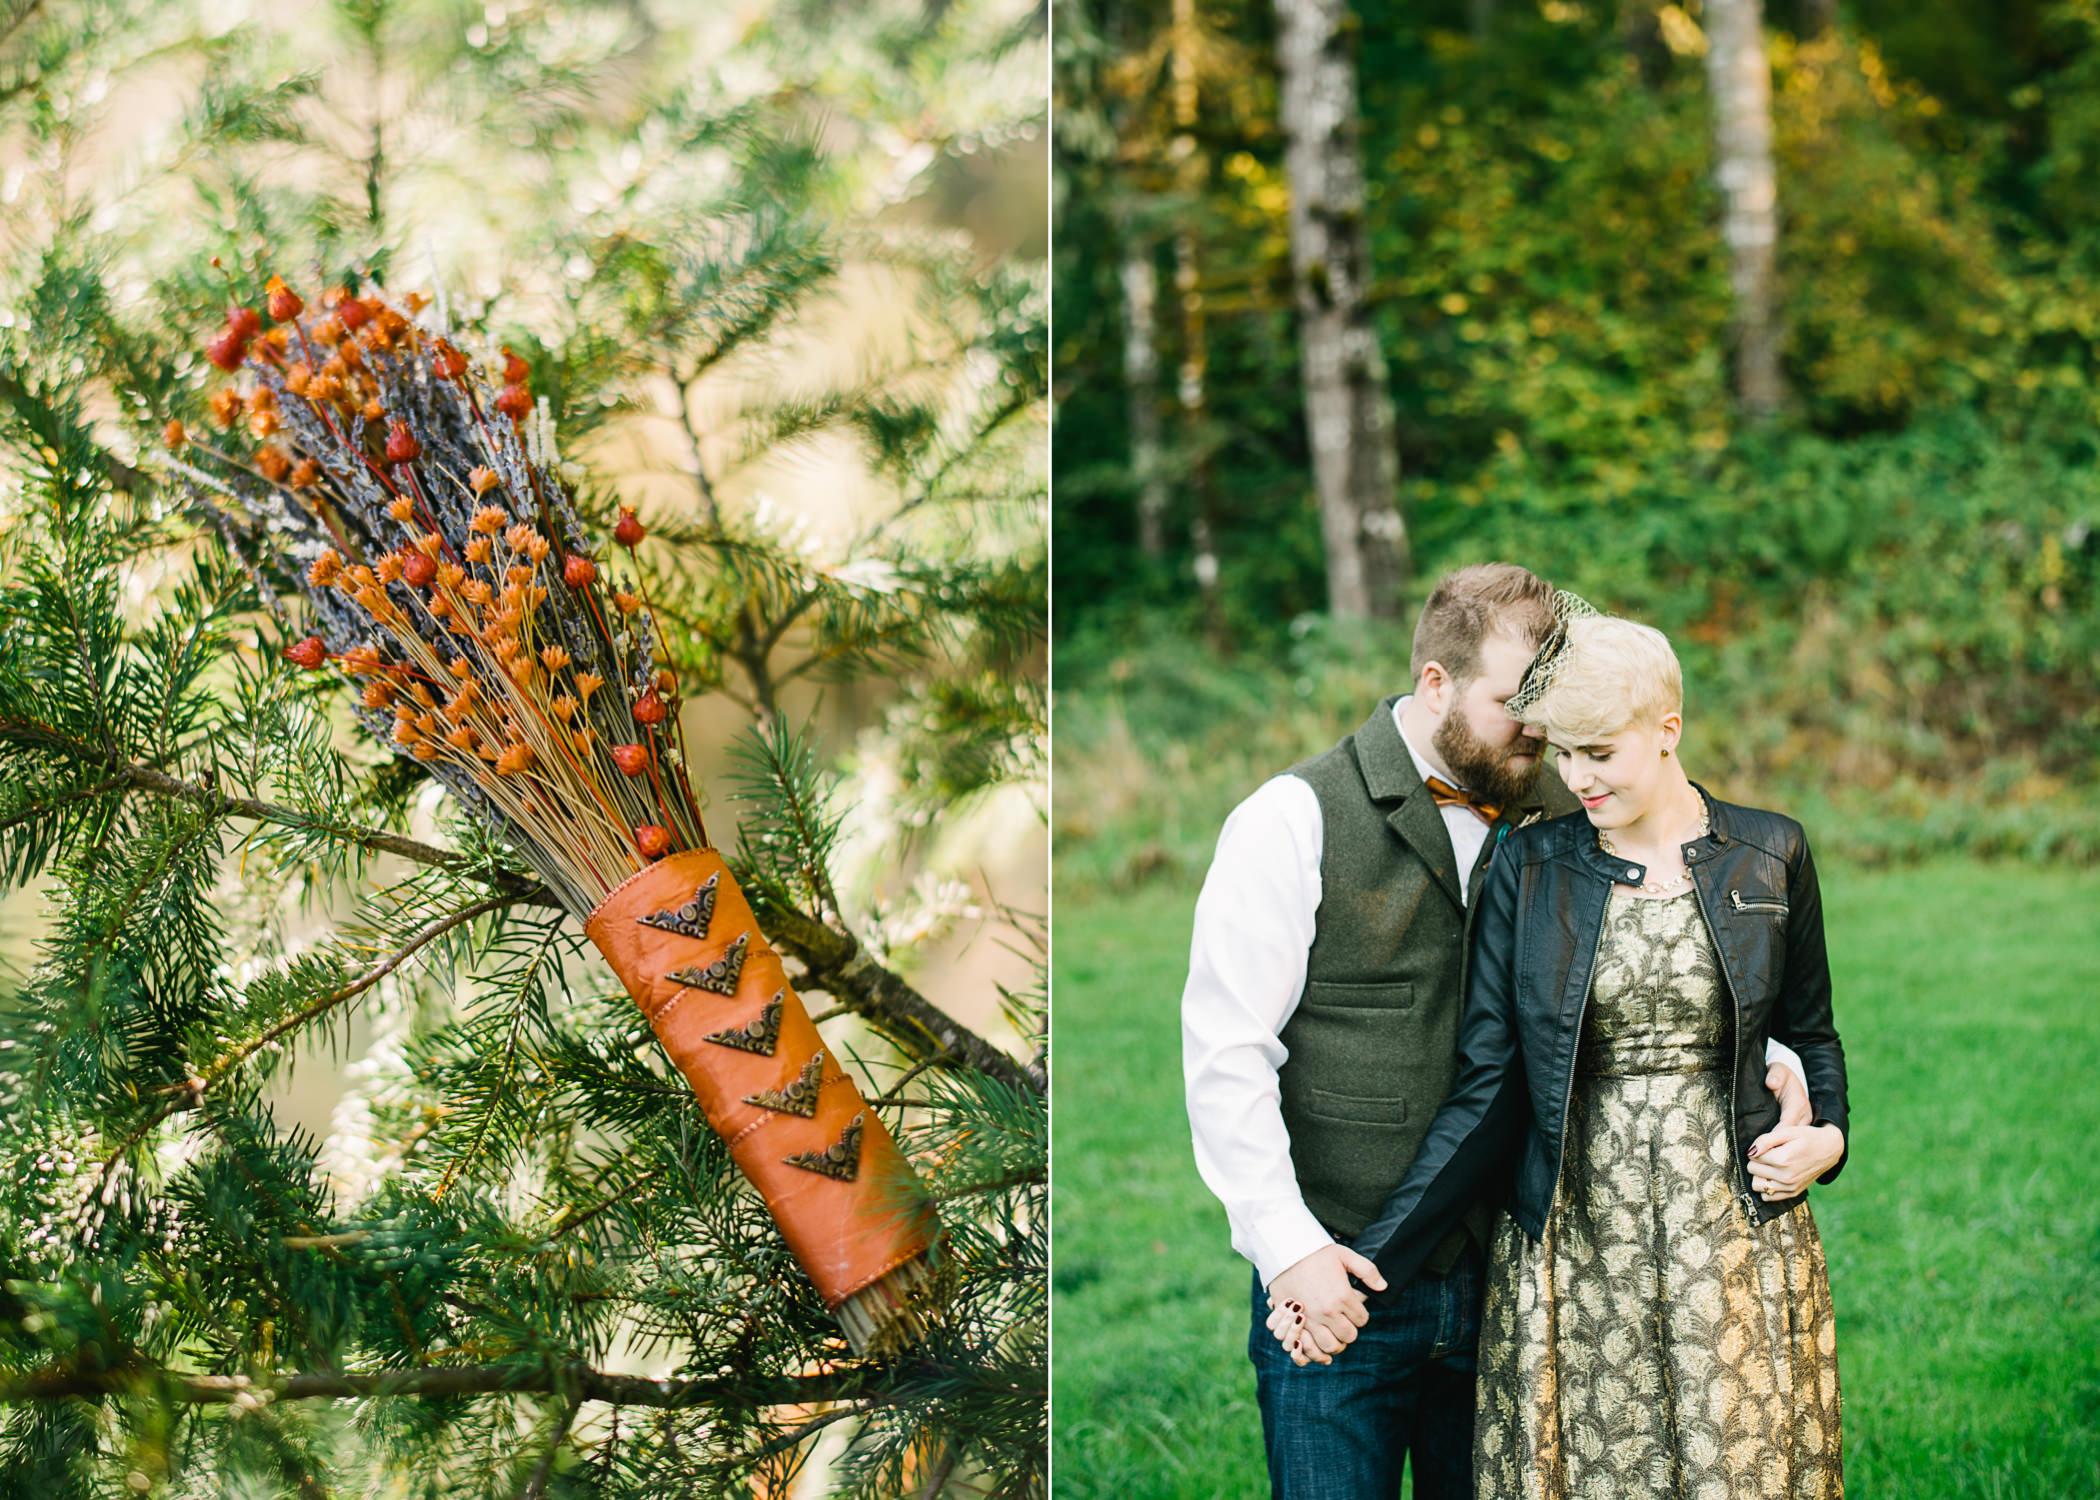 beazell-memorial-forest-philomath-wedding-056a.jpg